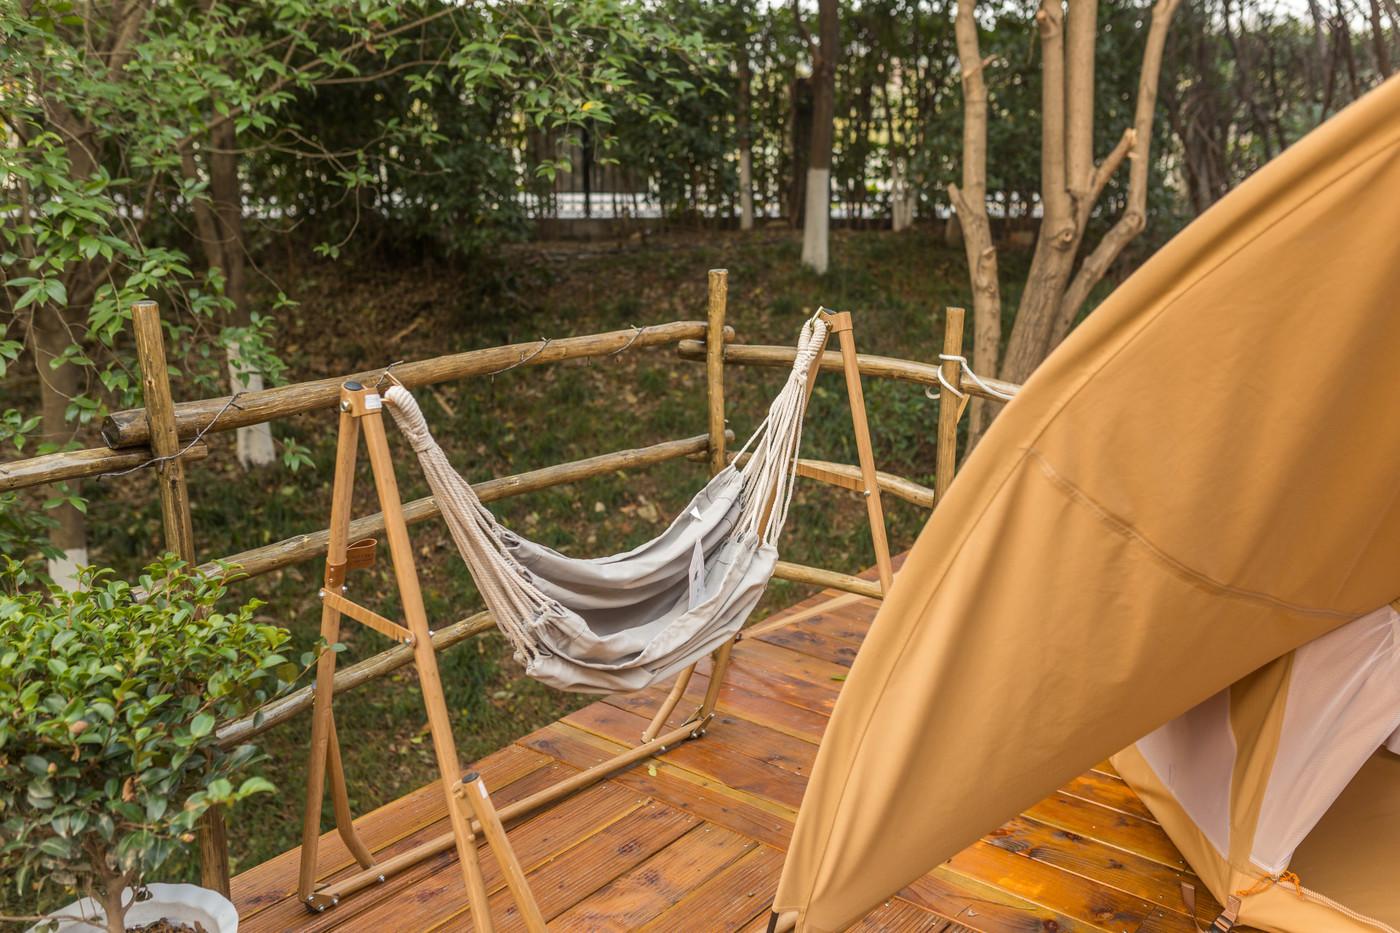 喜马拉雅野奢帐篷酒店—江苏常州天目湖树屋35